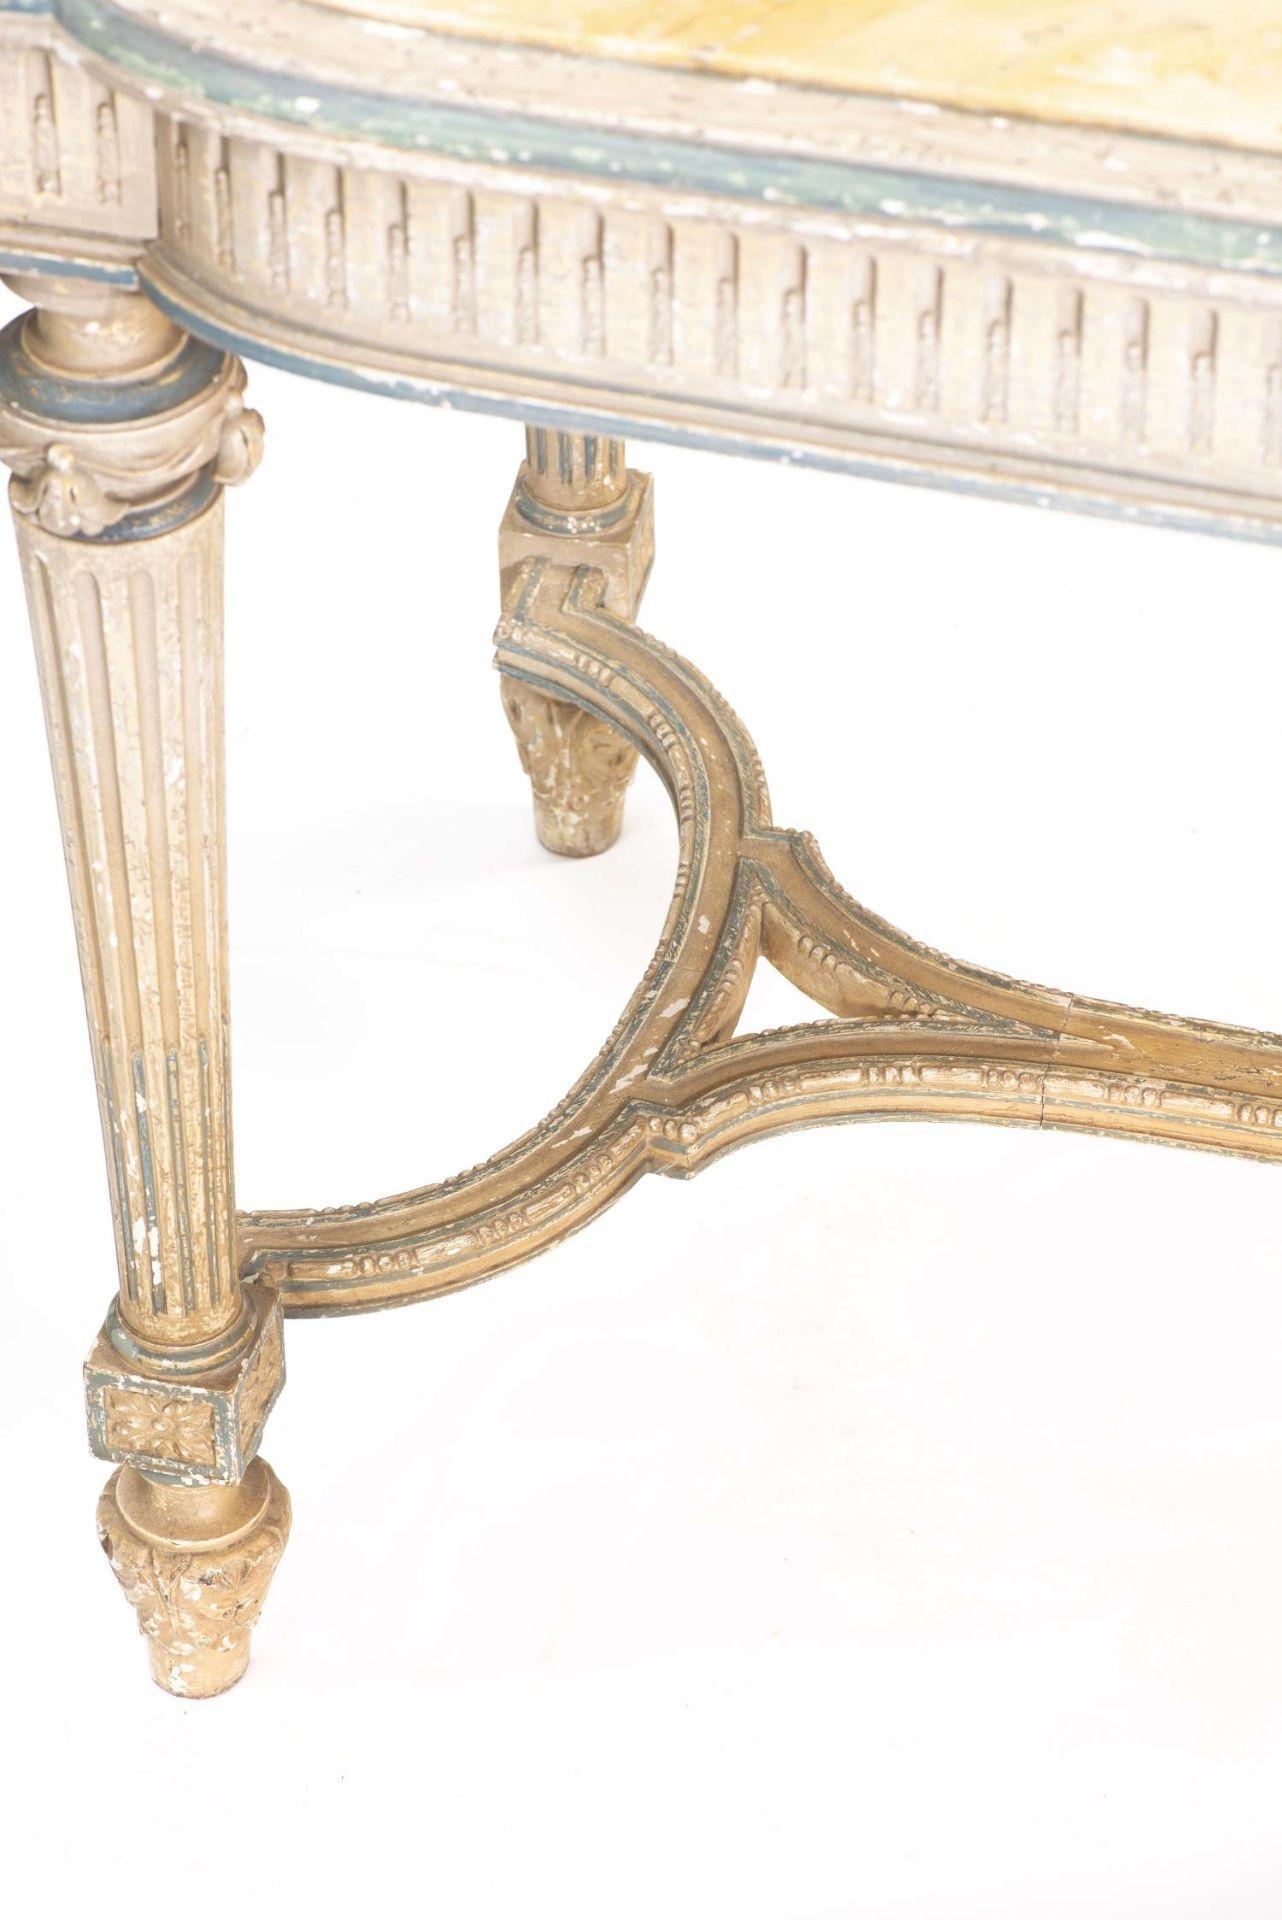 Table de chasse de style Louis XVI avec plateau de marbre jaune - Bild 4 aus 4